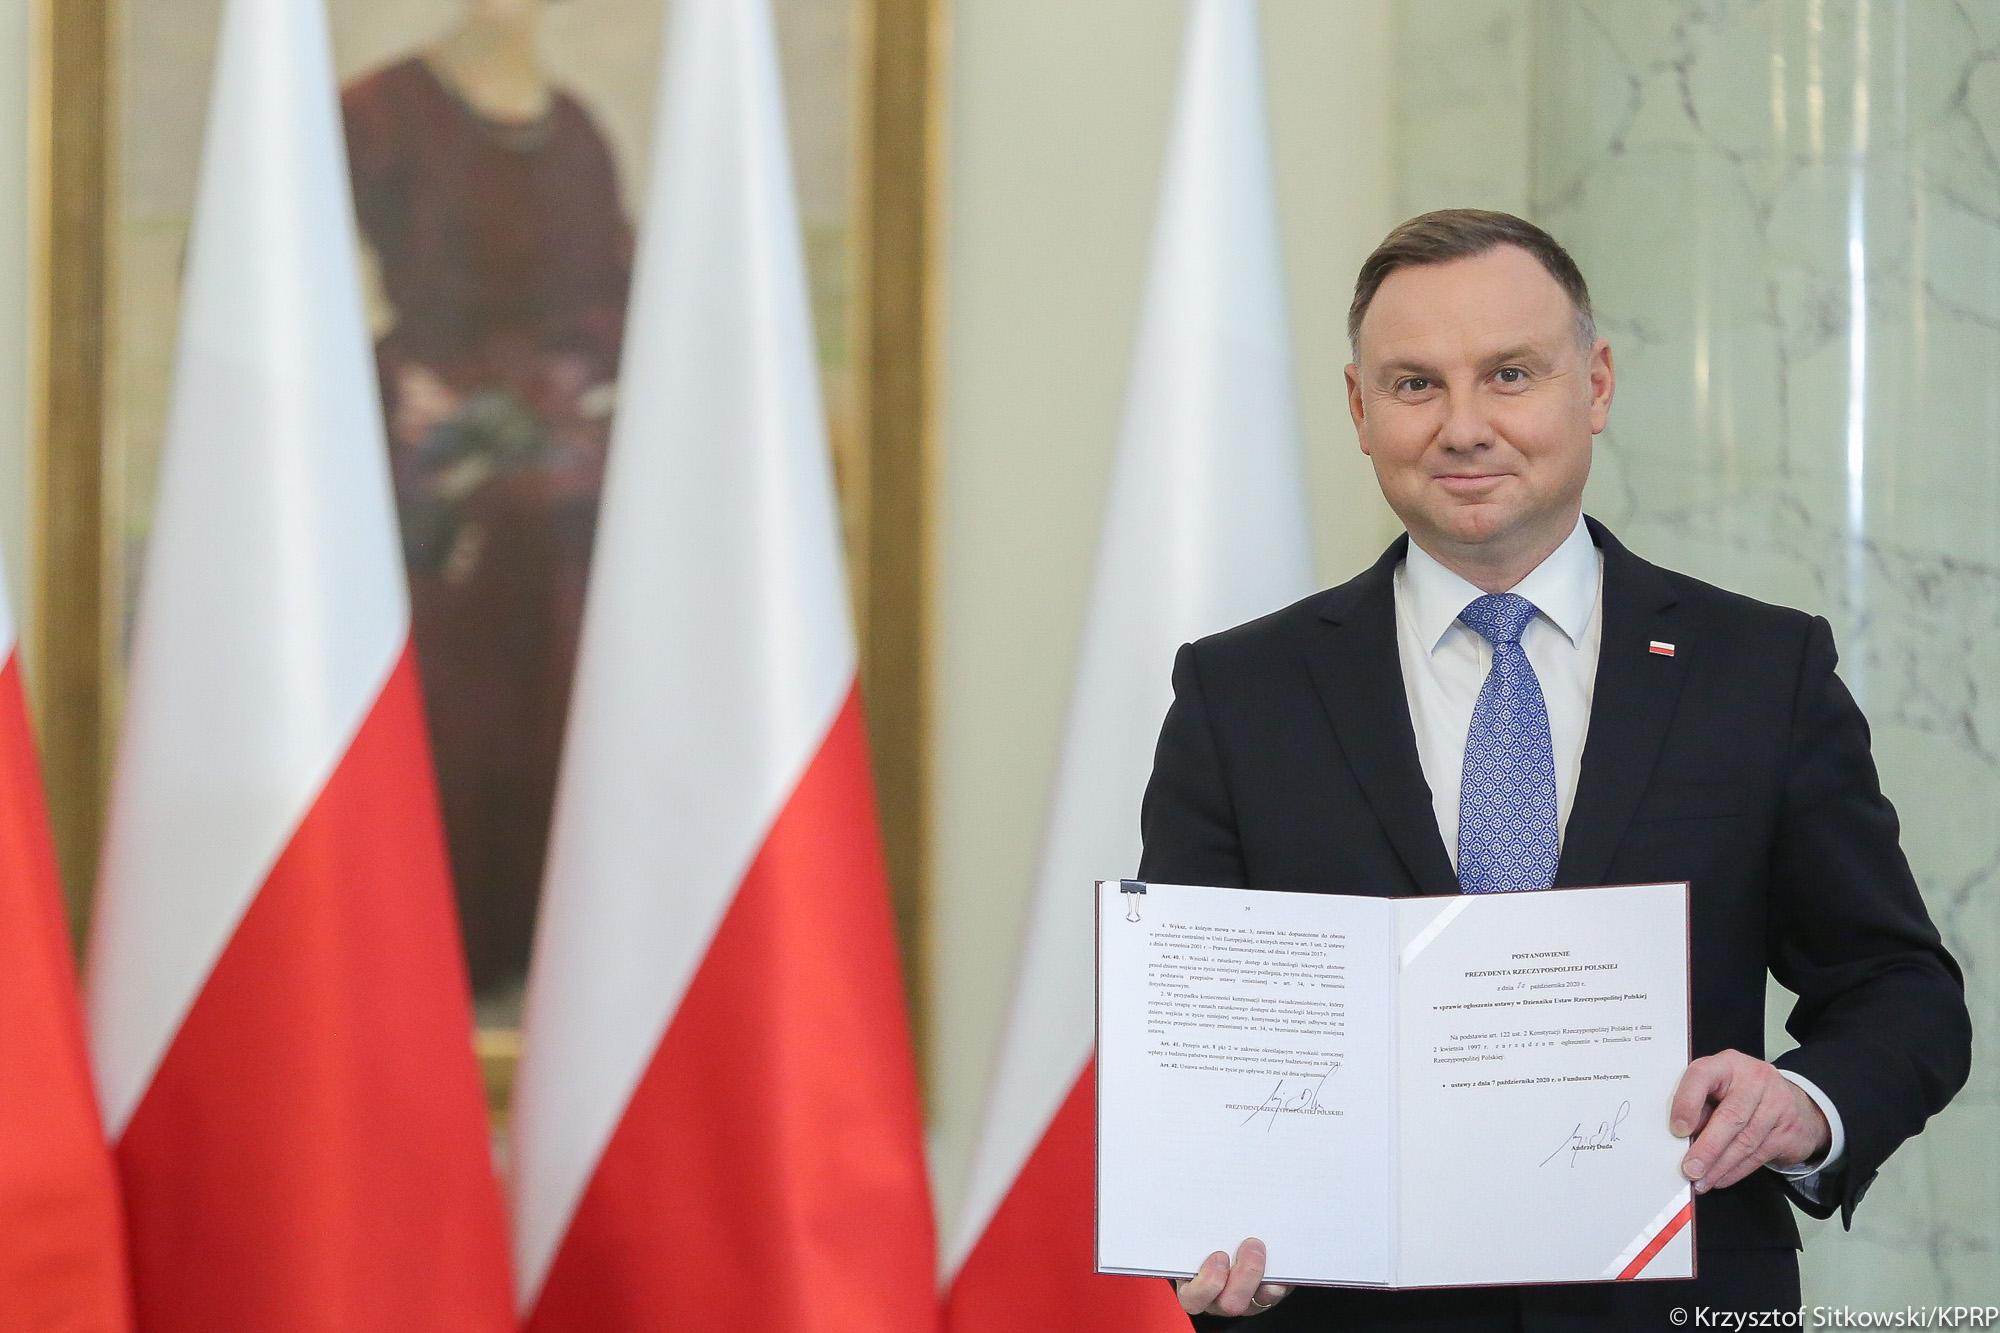 Prezydent podpisał ustawę powołującą Fundusz Medyczny - KPRP